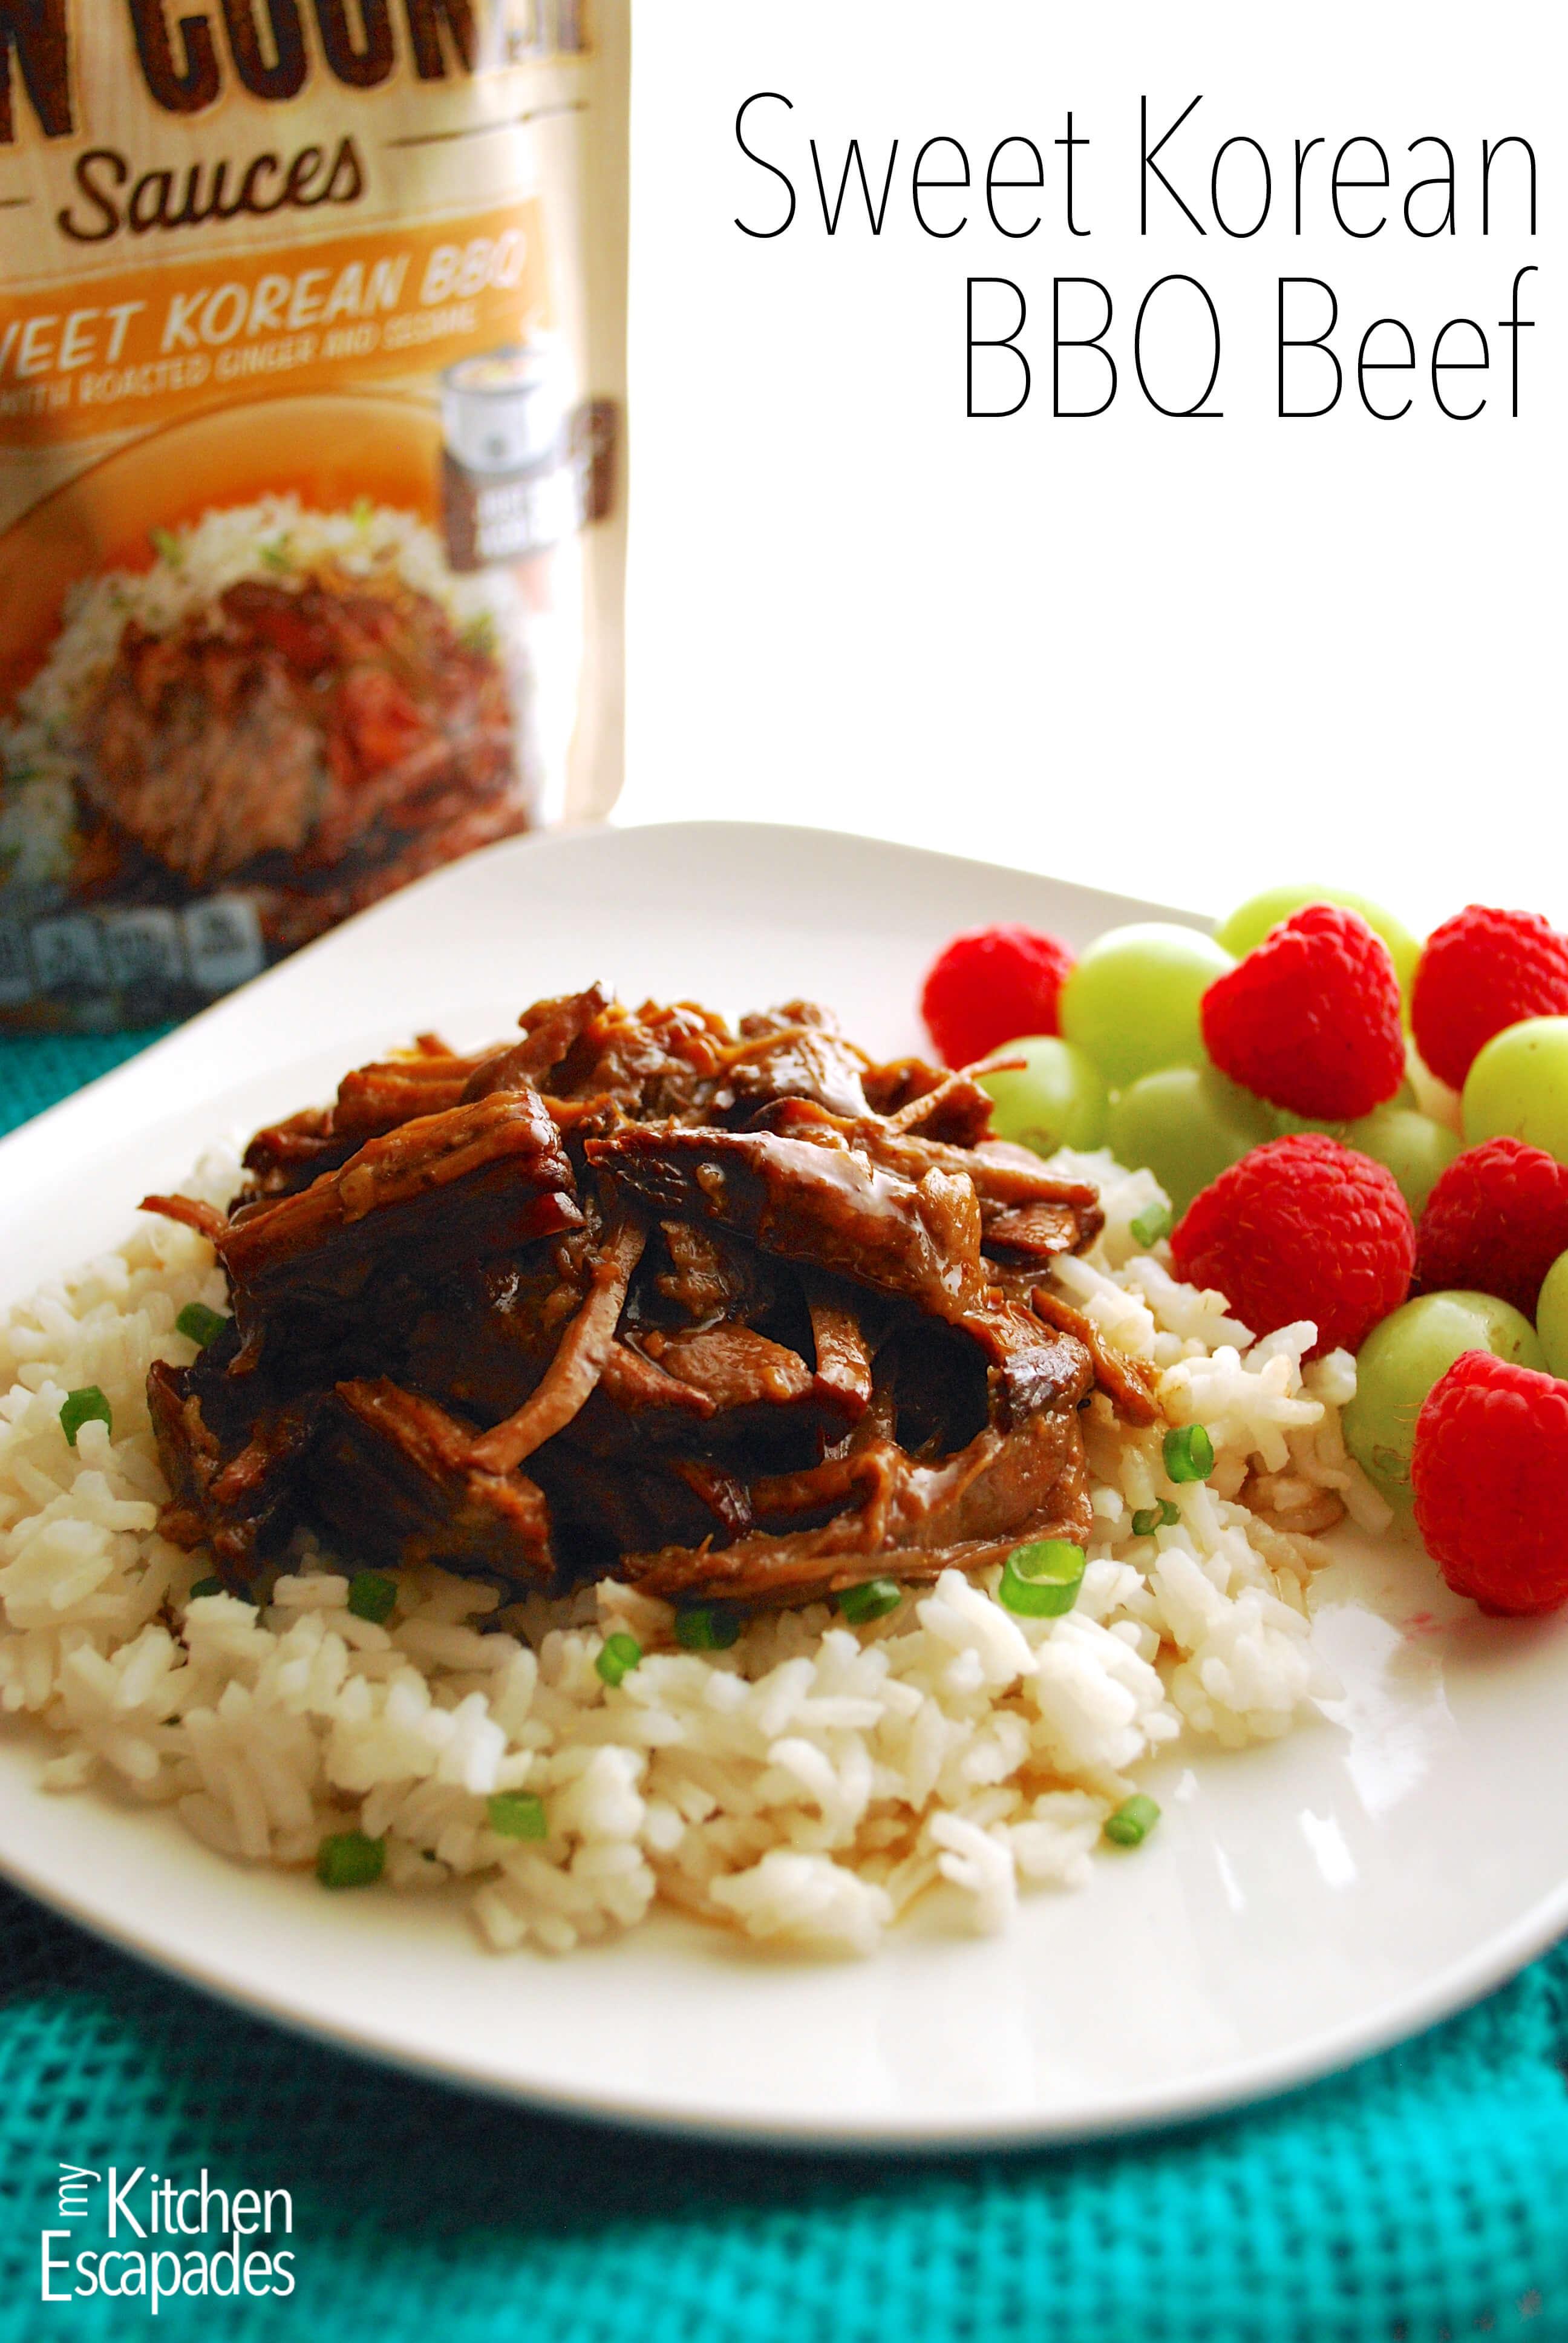 Sweet Korean BBQ Beef